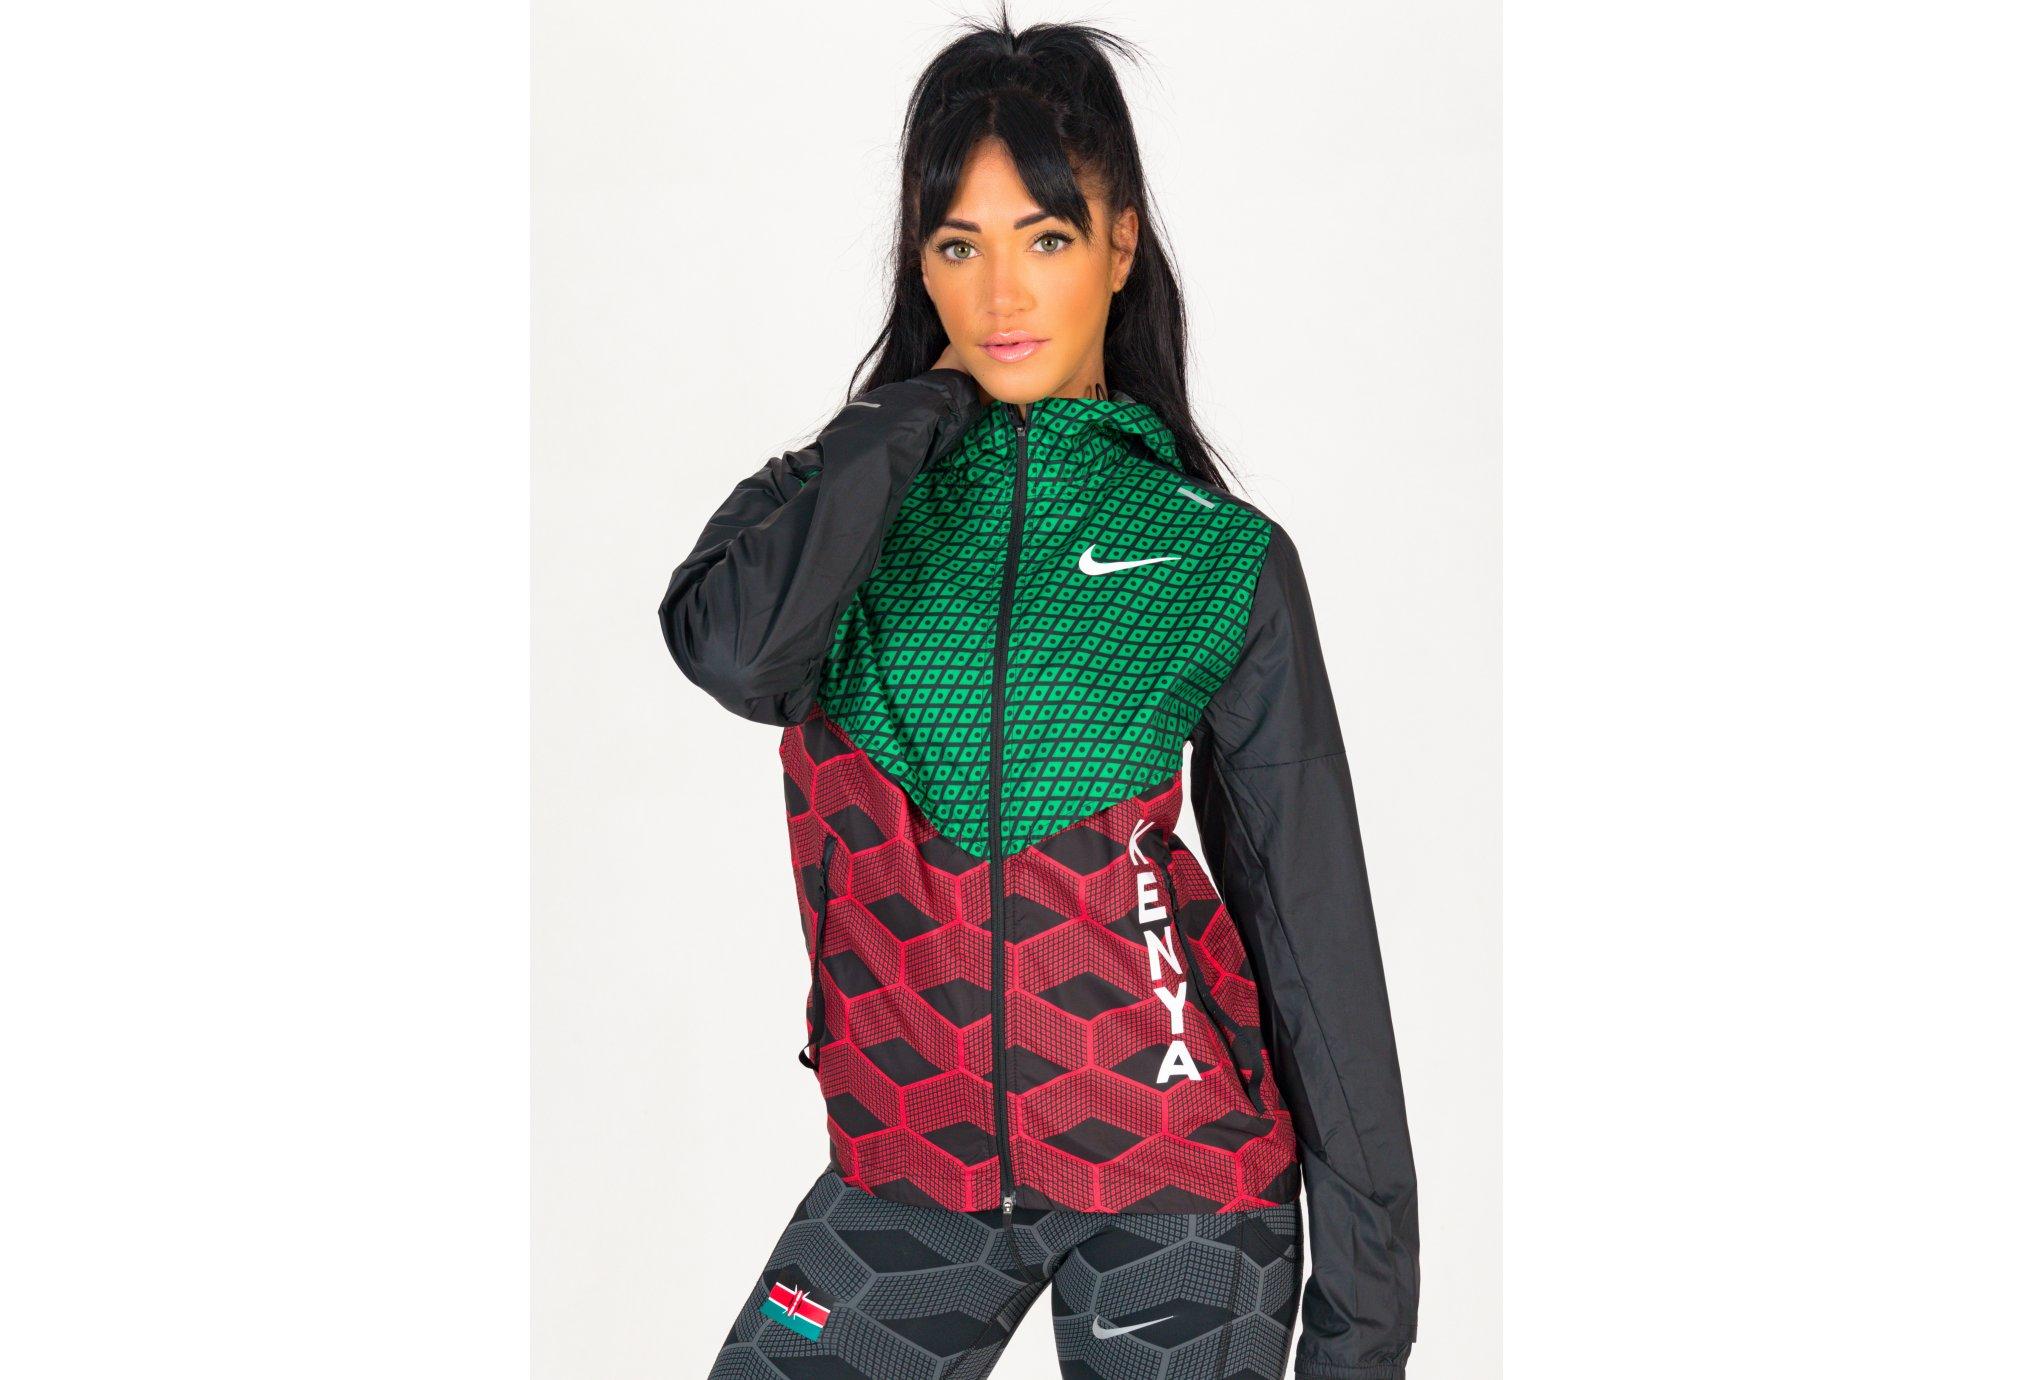 Nike Shieldrunner Team Kenya W vêtement running femme